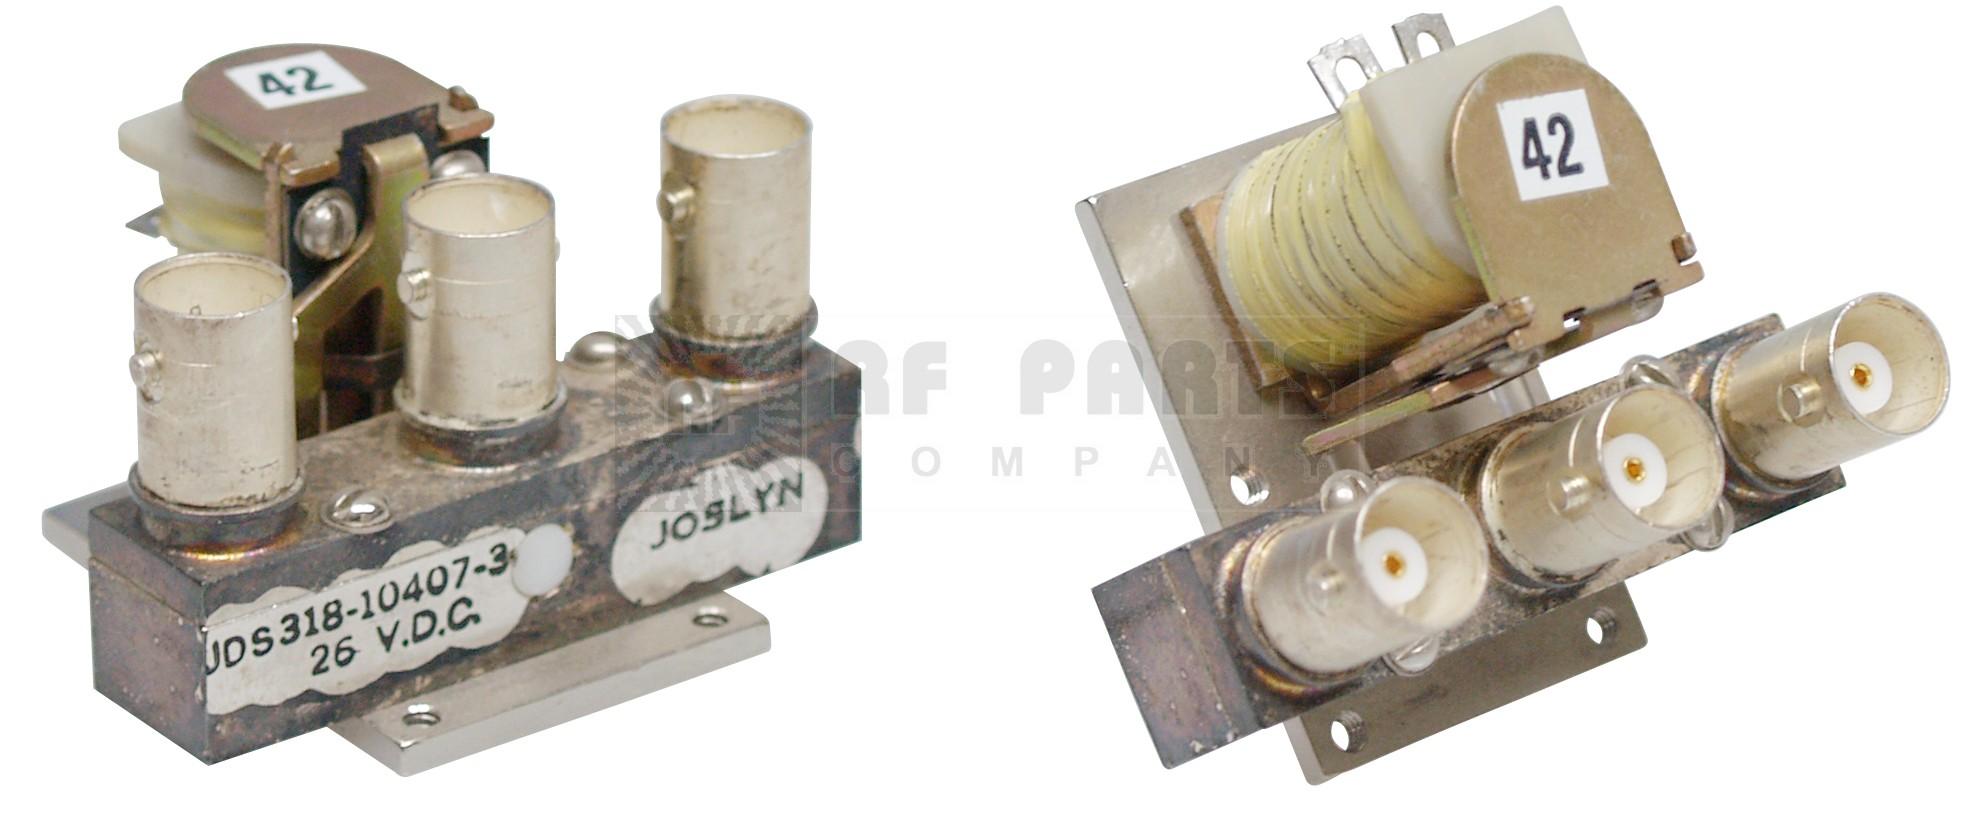 318-010407-3 Coaxial relay,26vdc spdt joslyn